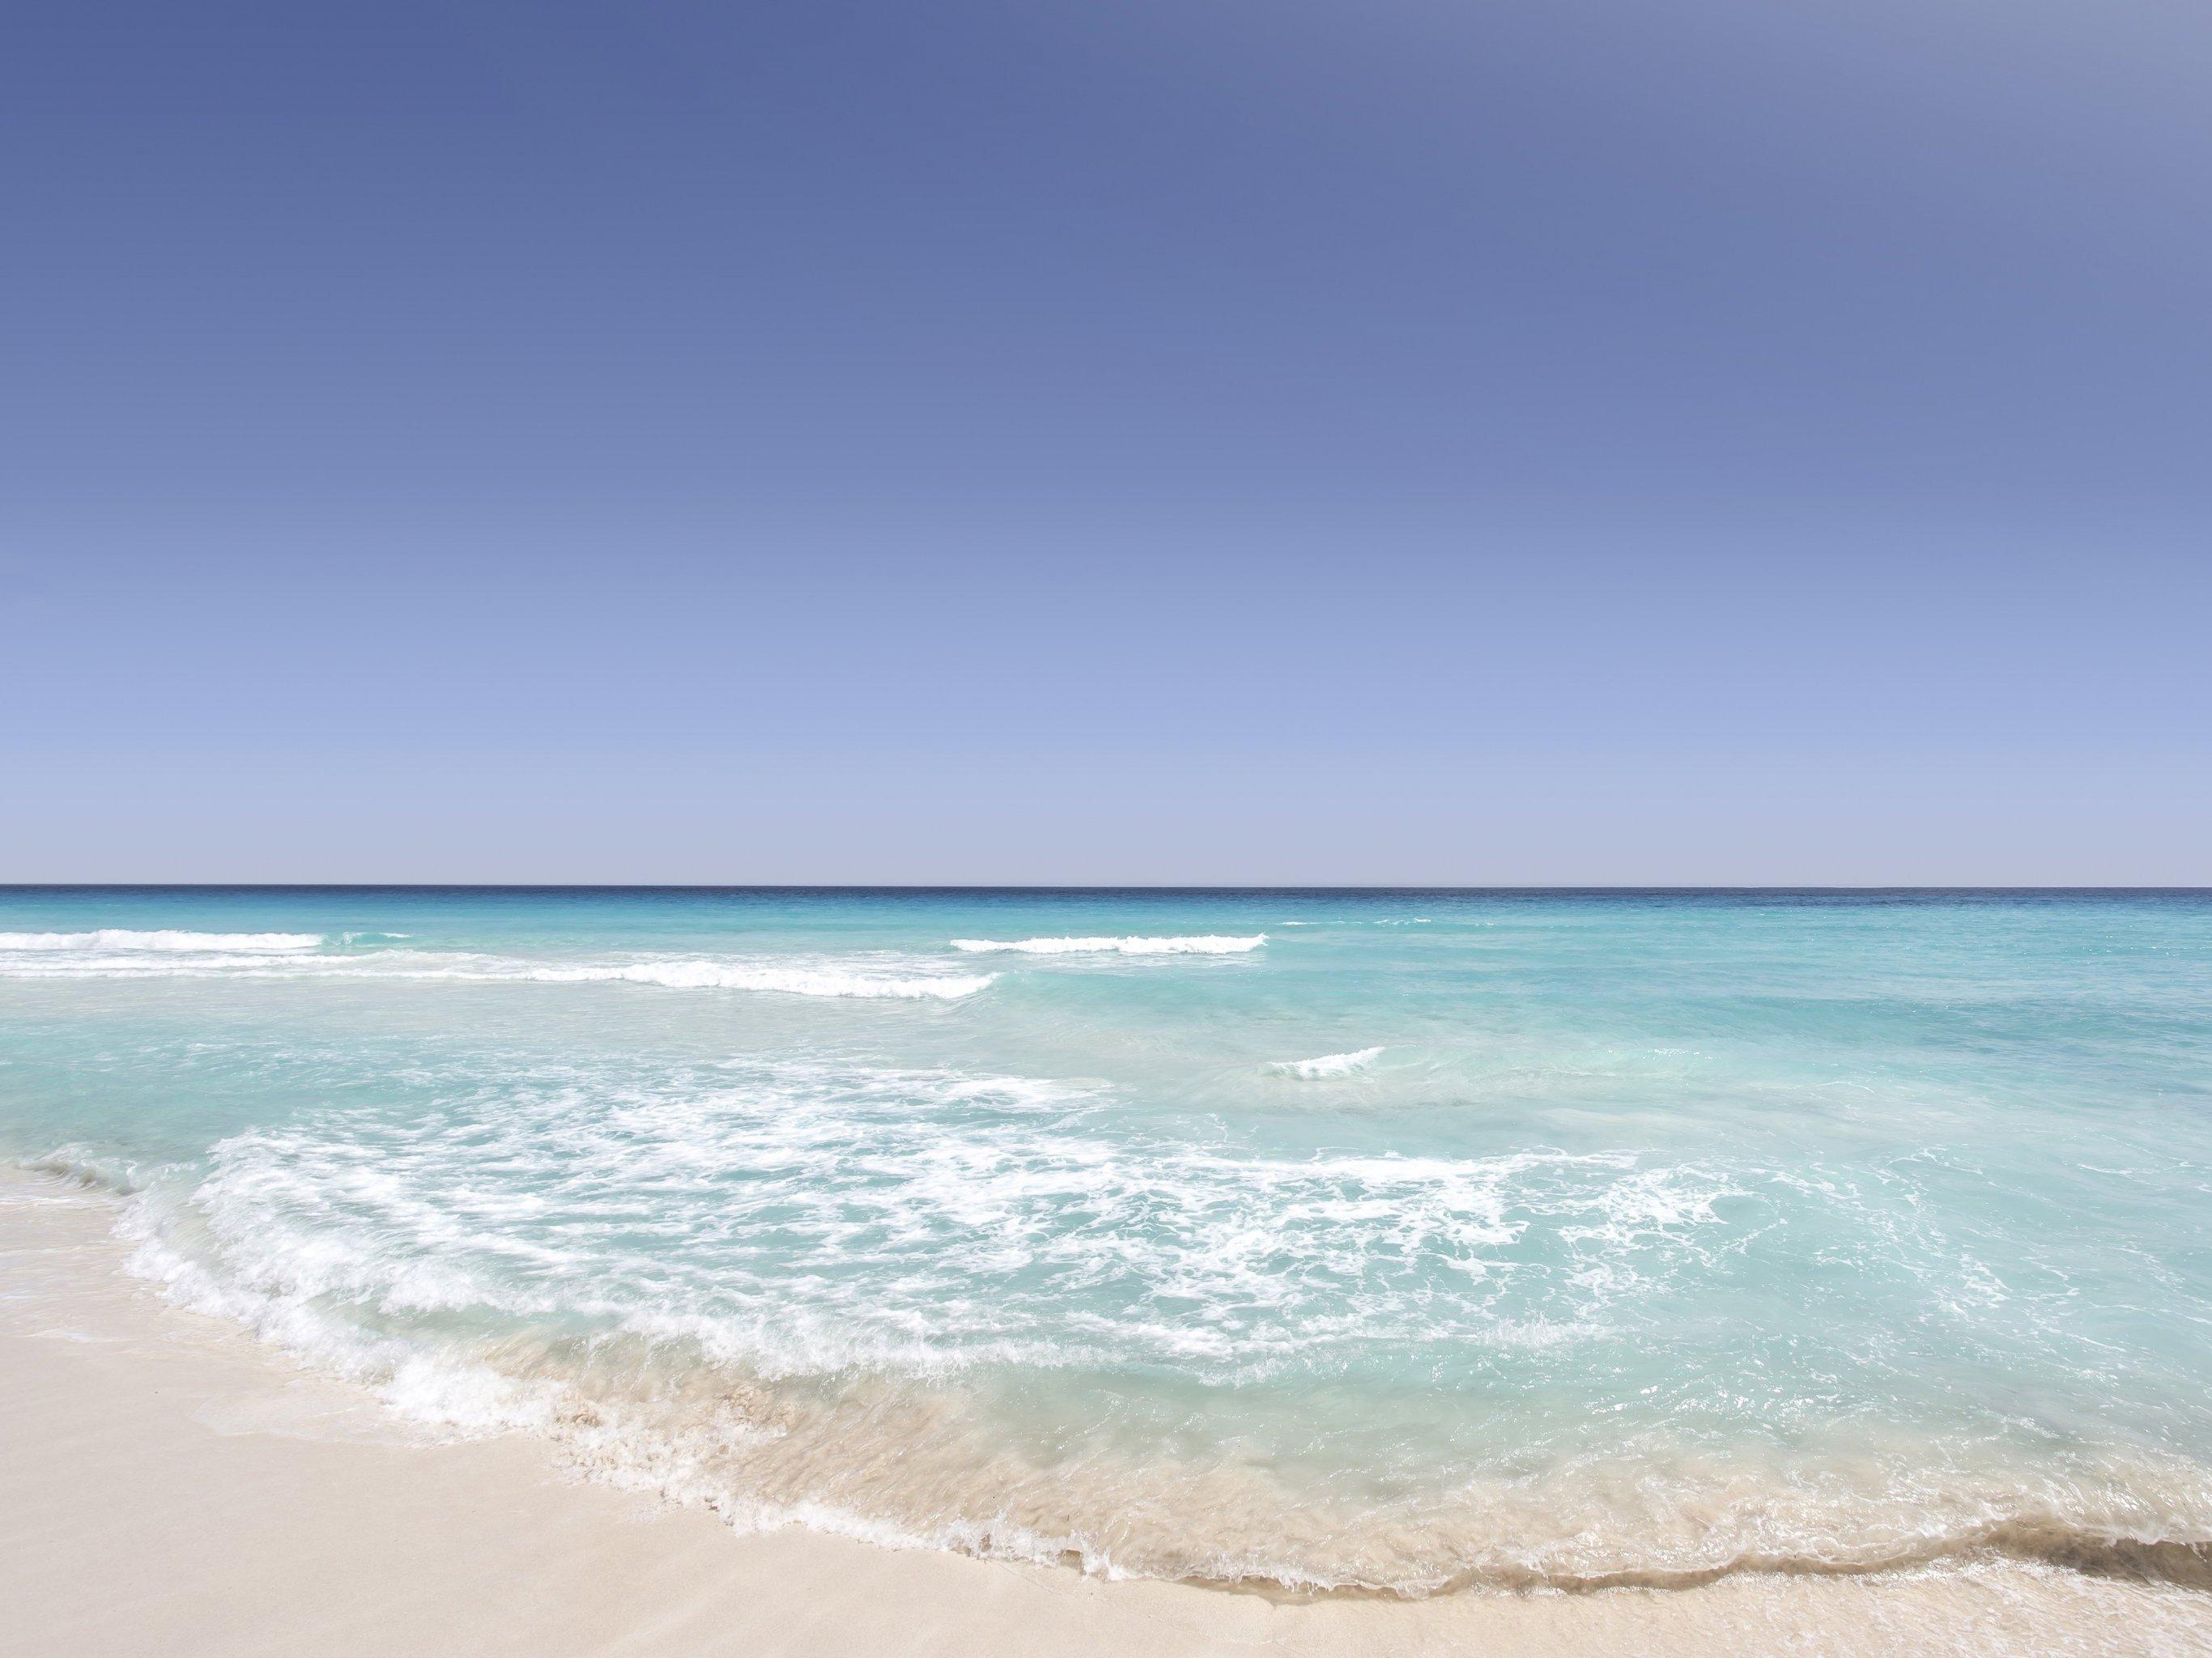 Sandy Beach Wallpaper: Tropical Sandy Beach Wallpaper